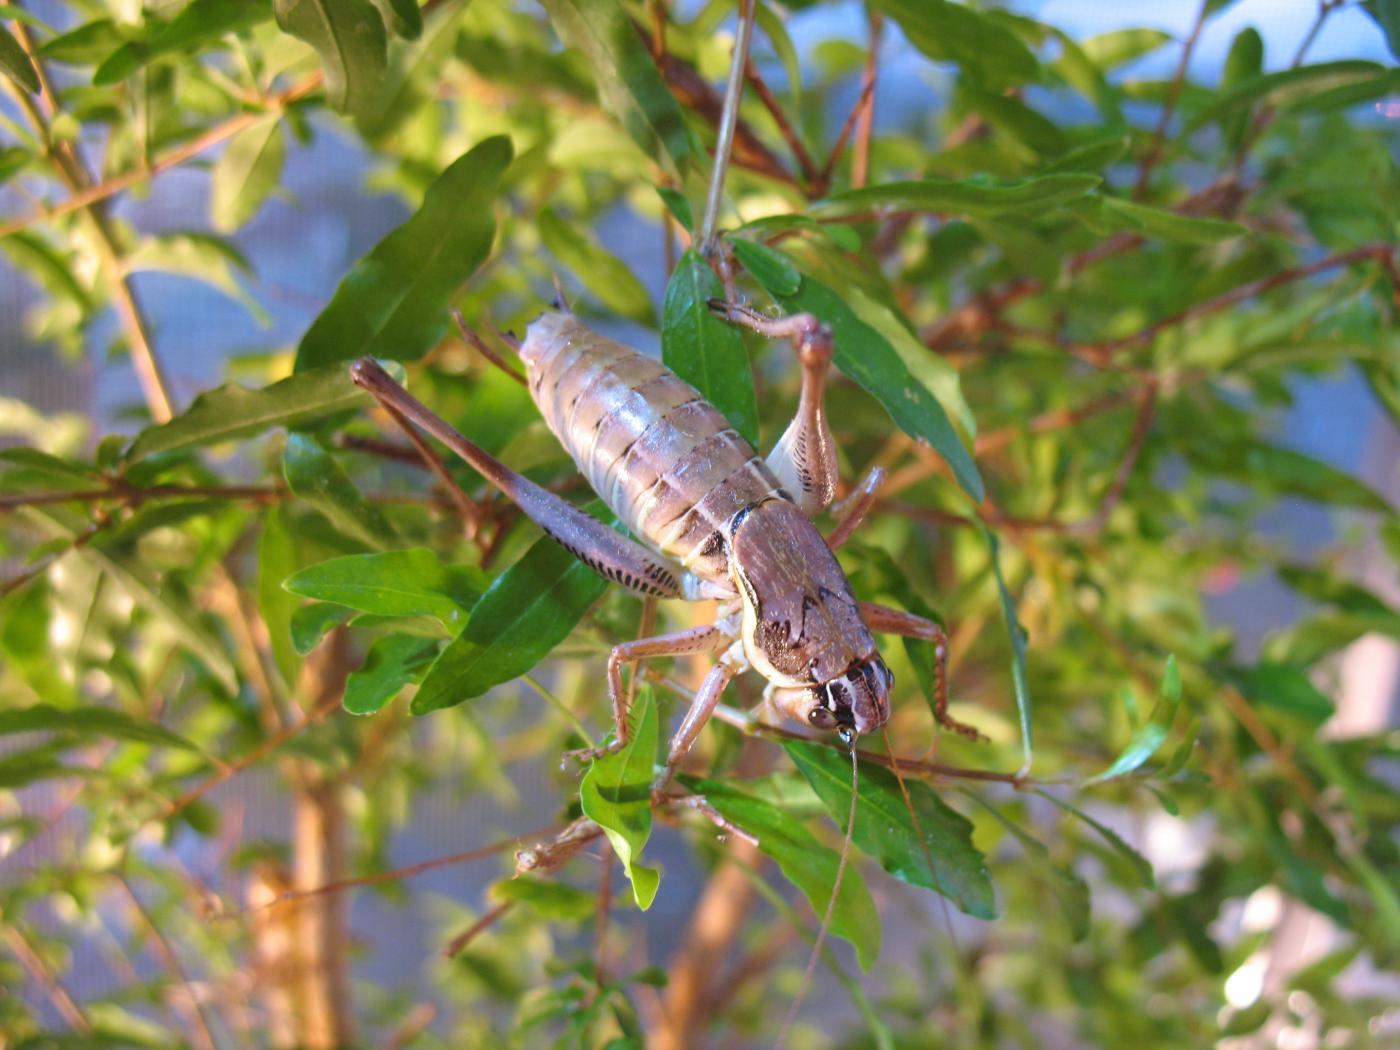 IMG_0956_Parapholidoptera_antaliae.jpg - кликните, чтобы открыть увеличенную картинку